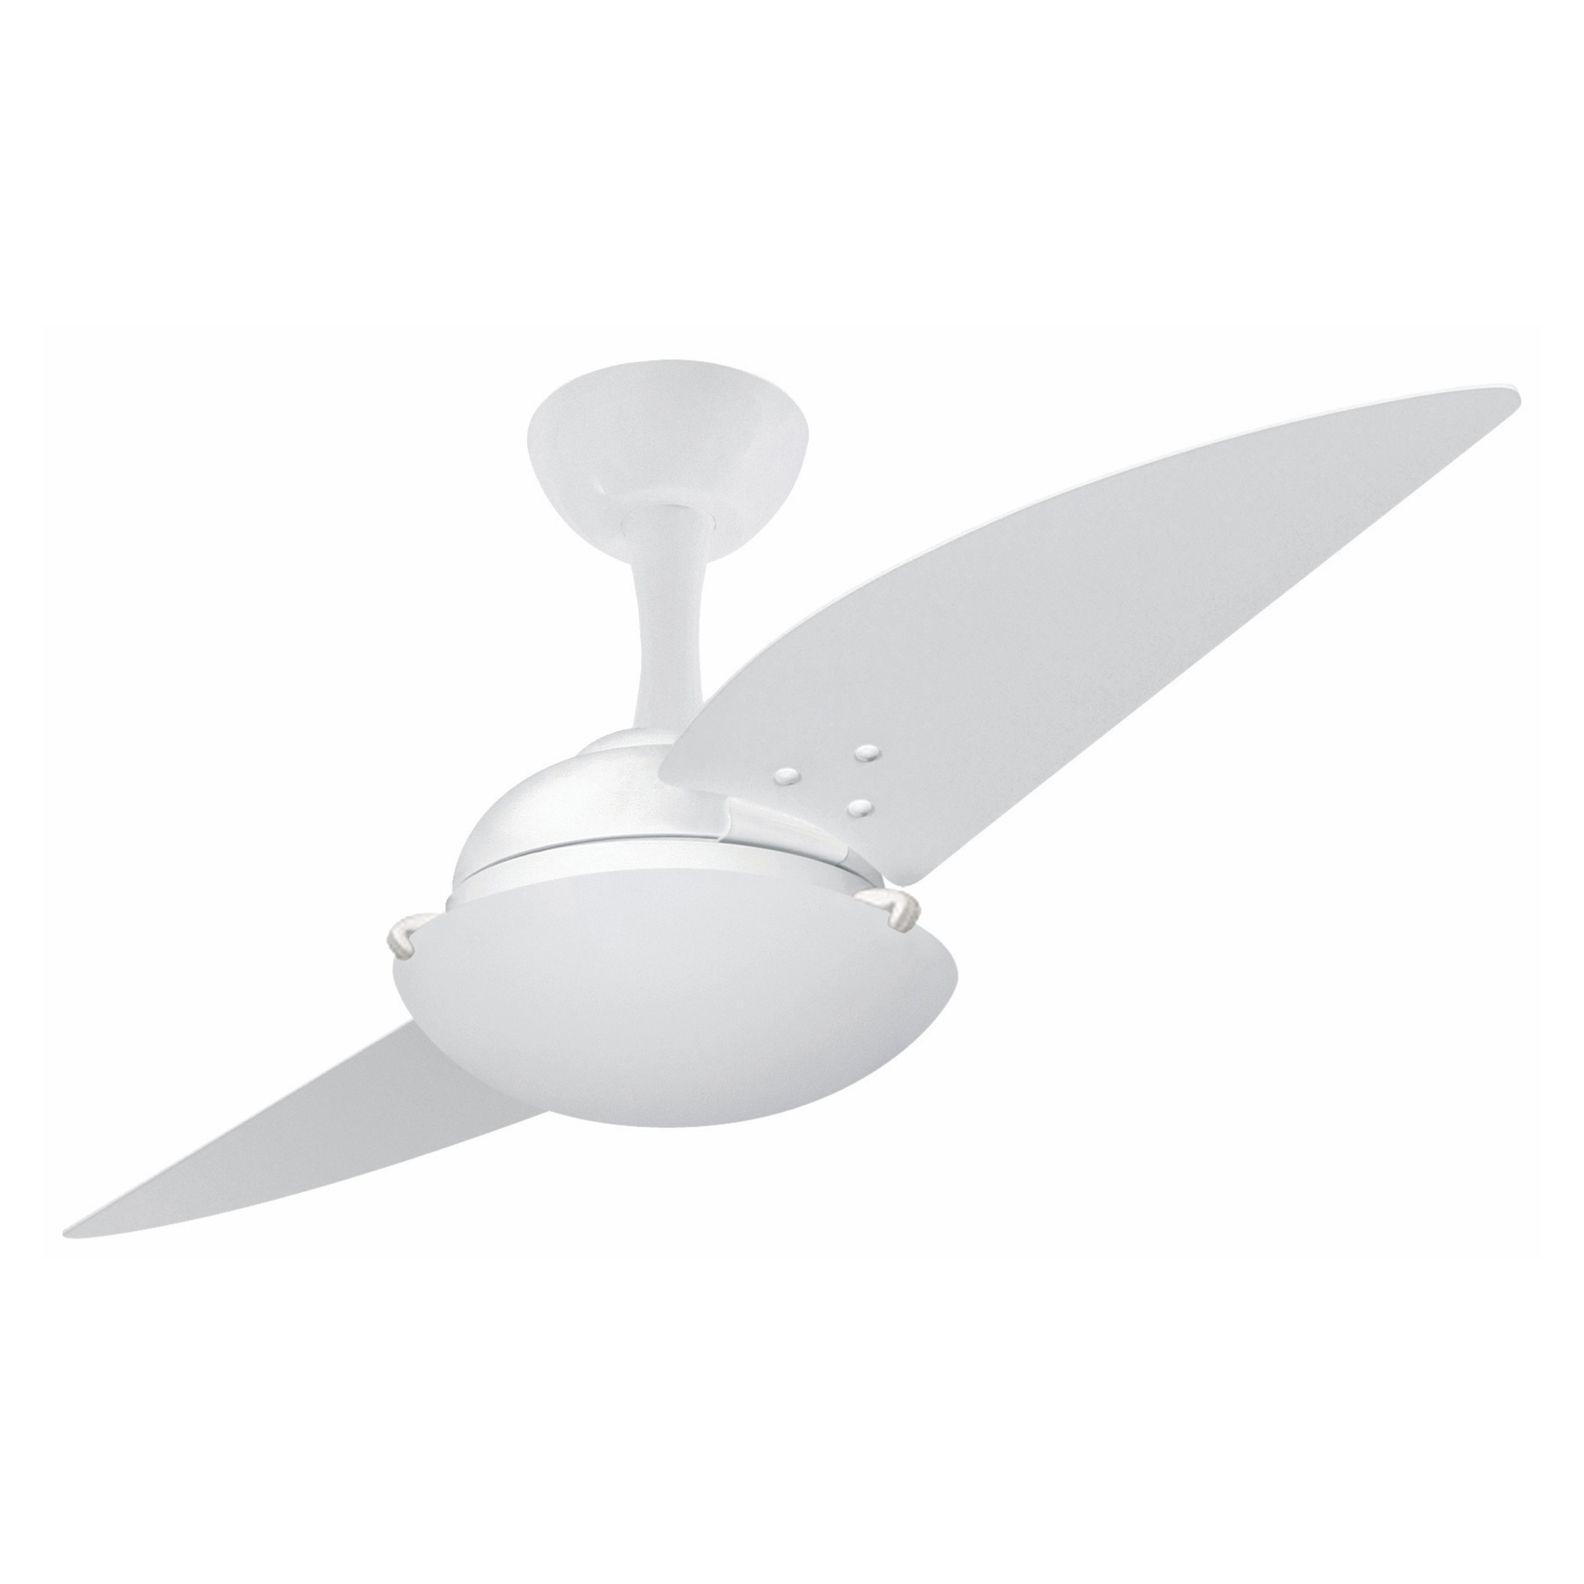 Ventilador de Teto 2 Pás Branco Uno Ventax - Volare (110V)